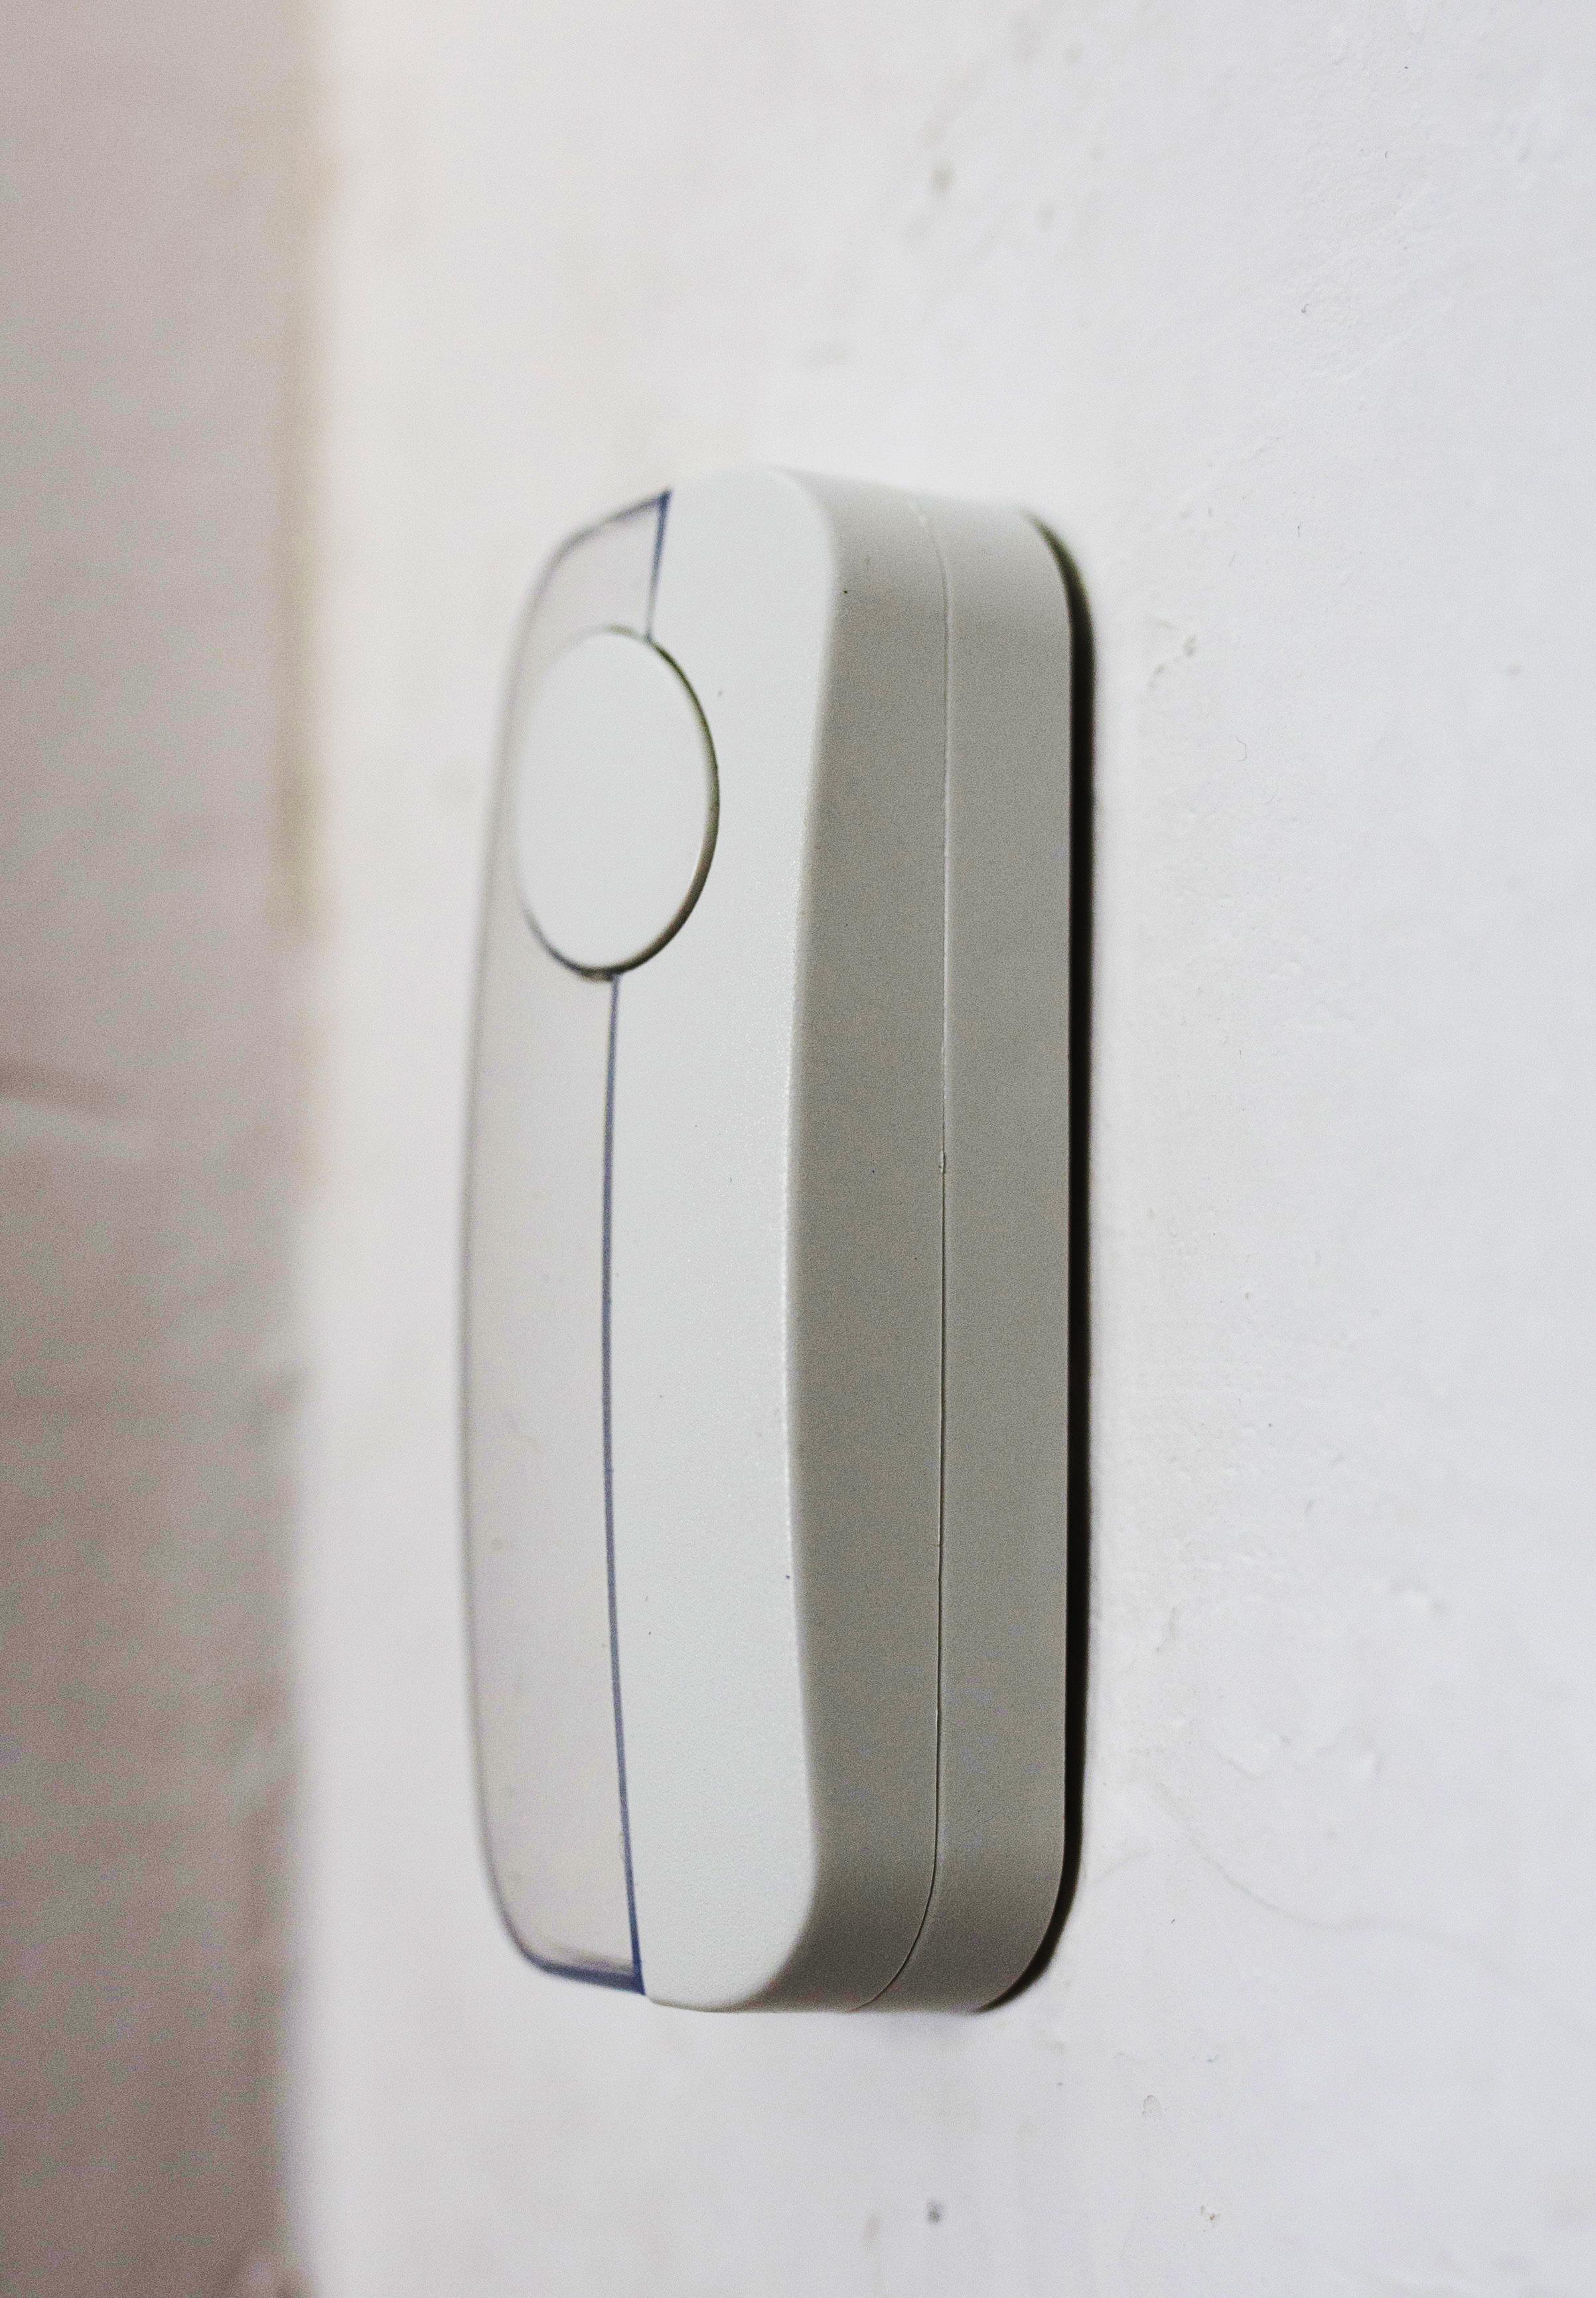 Кнопка включения проектора